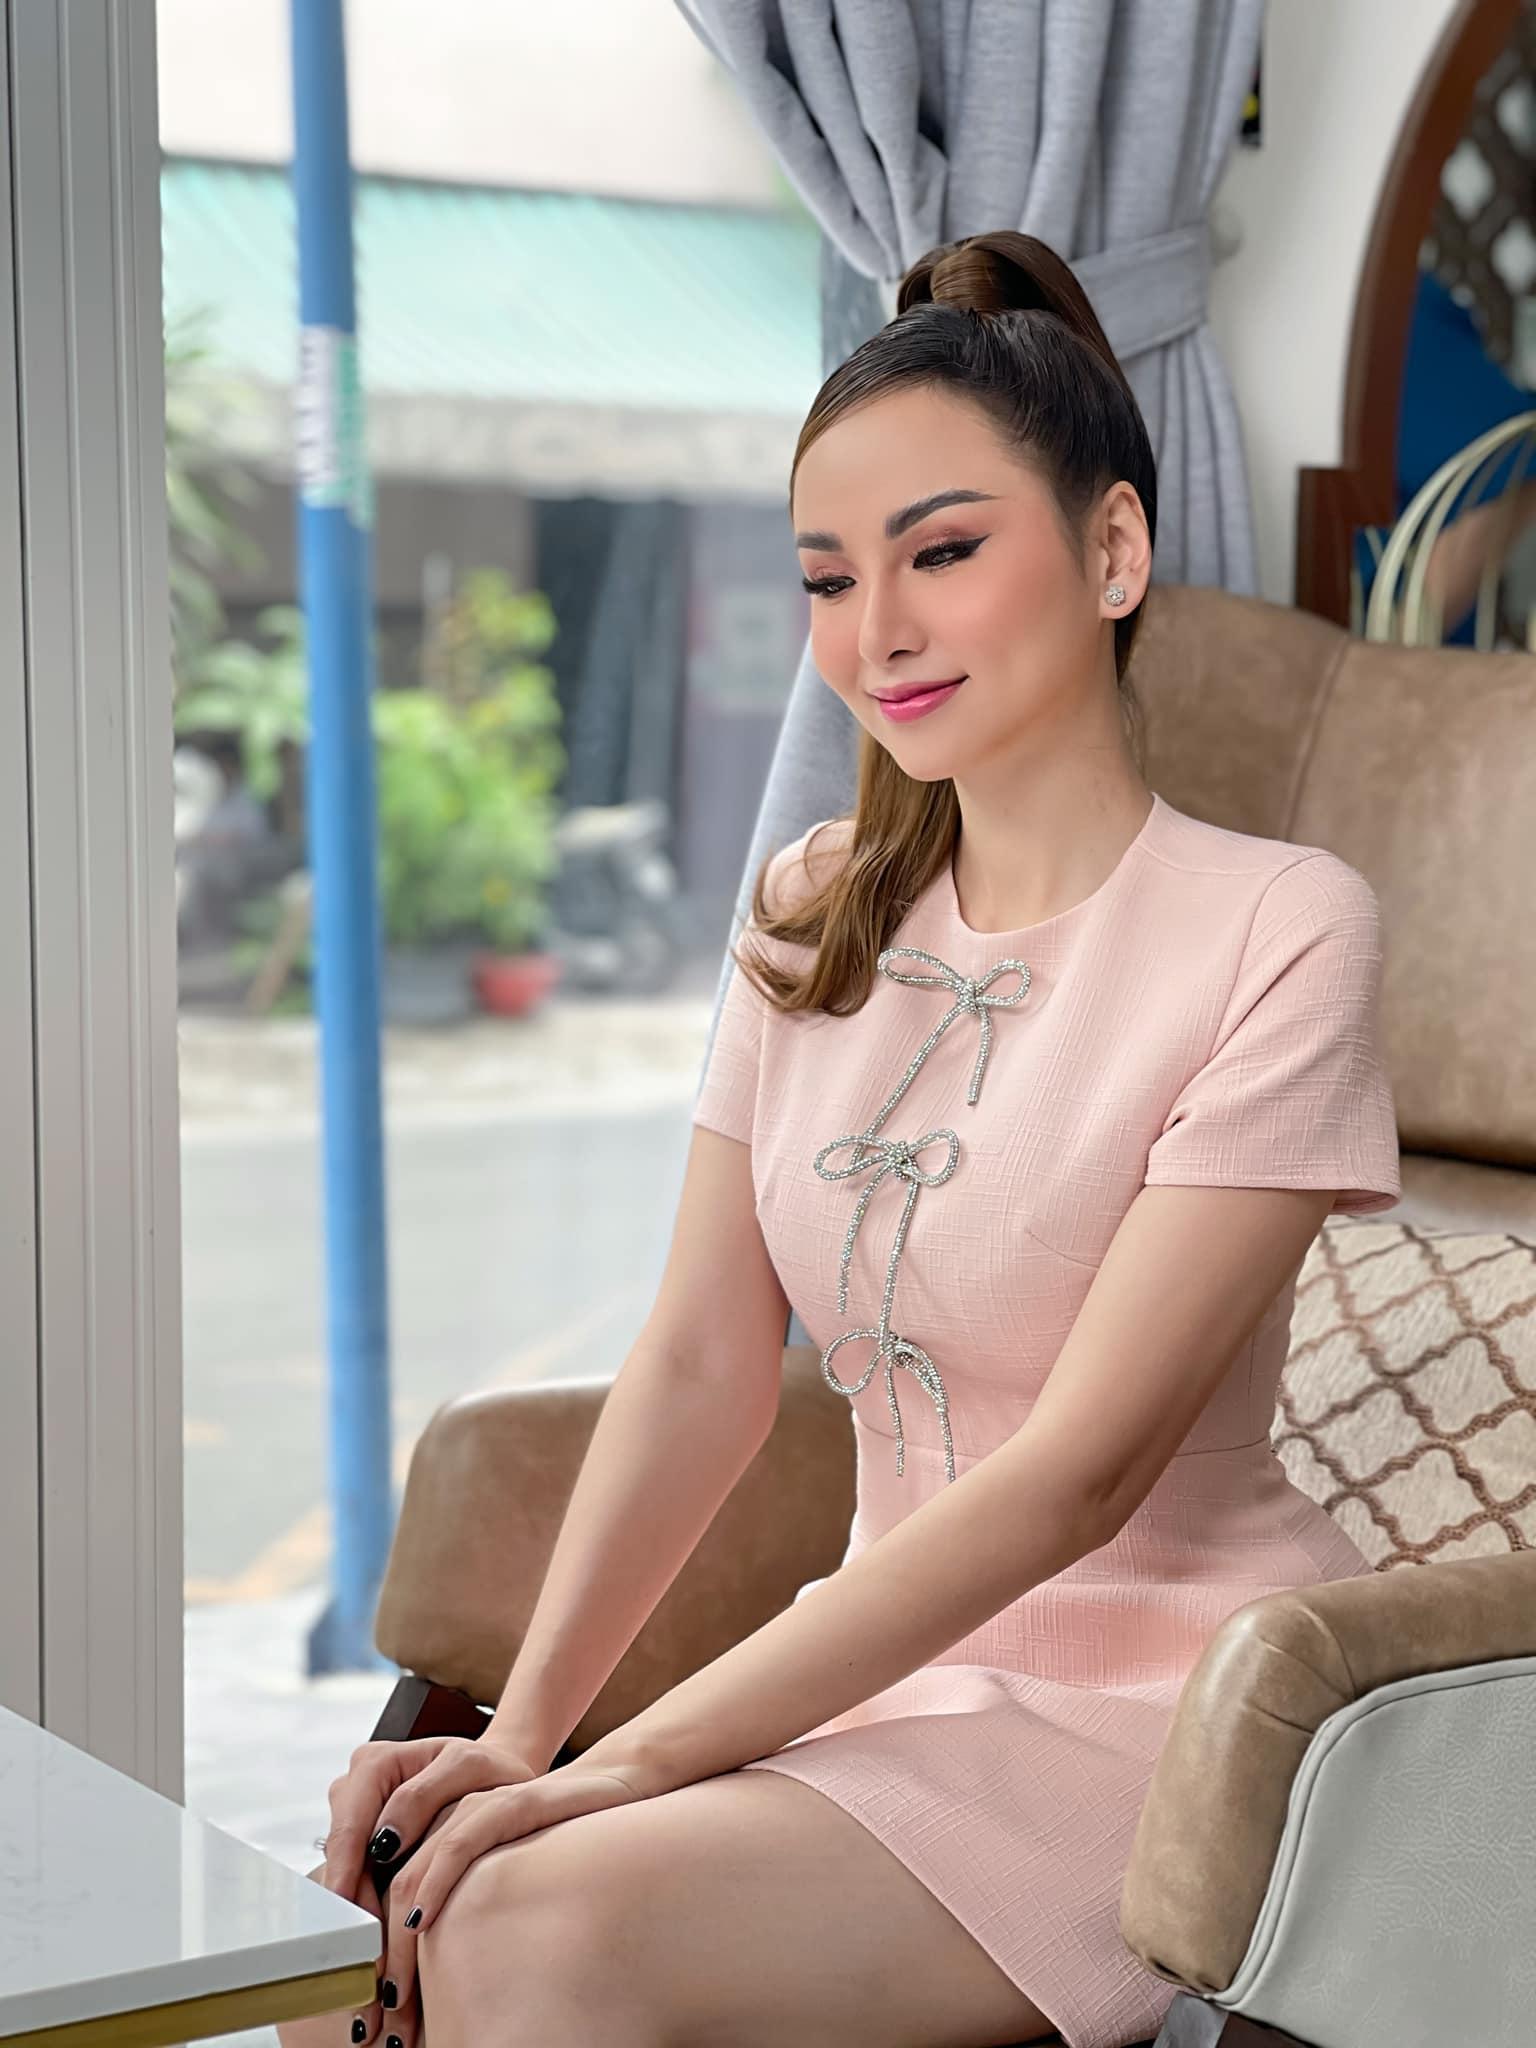 Hoa hậu Diễm Hương: Tôi bị bệnh hiếm, căn bệnh mà 10.000 người mới có 1 người bị - Ảnh 4.